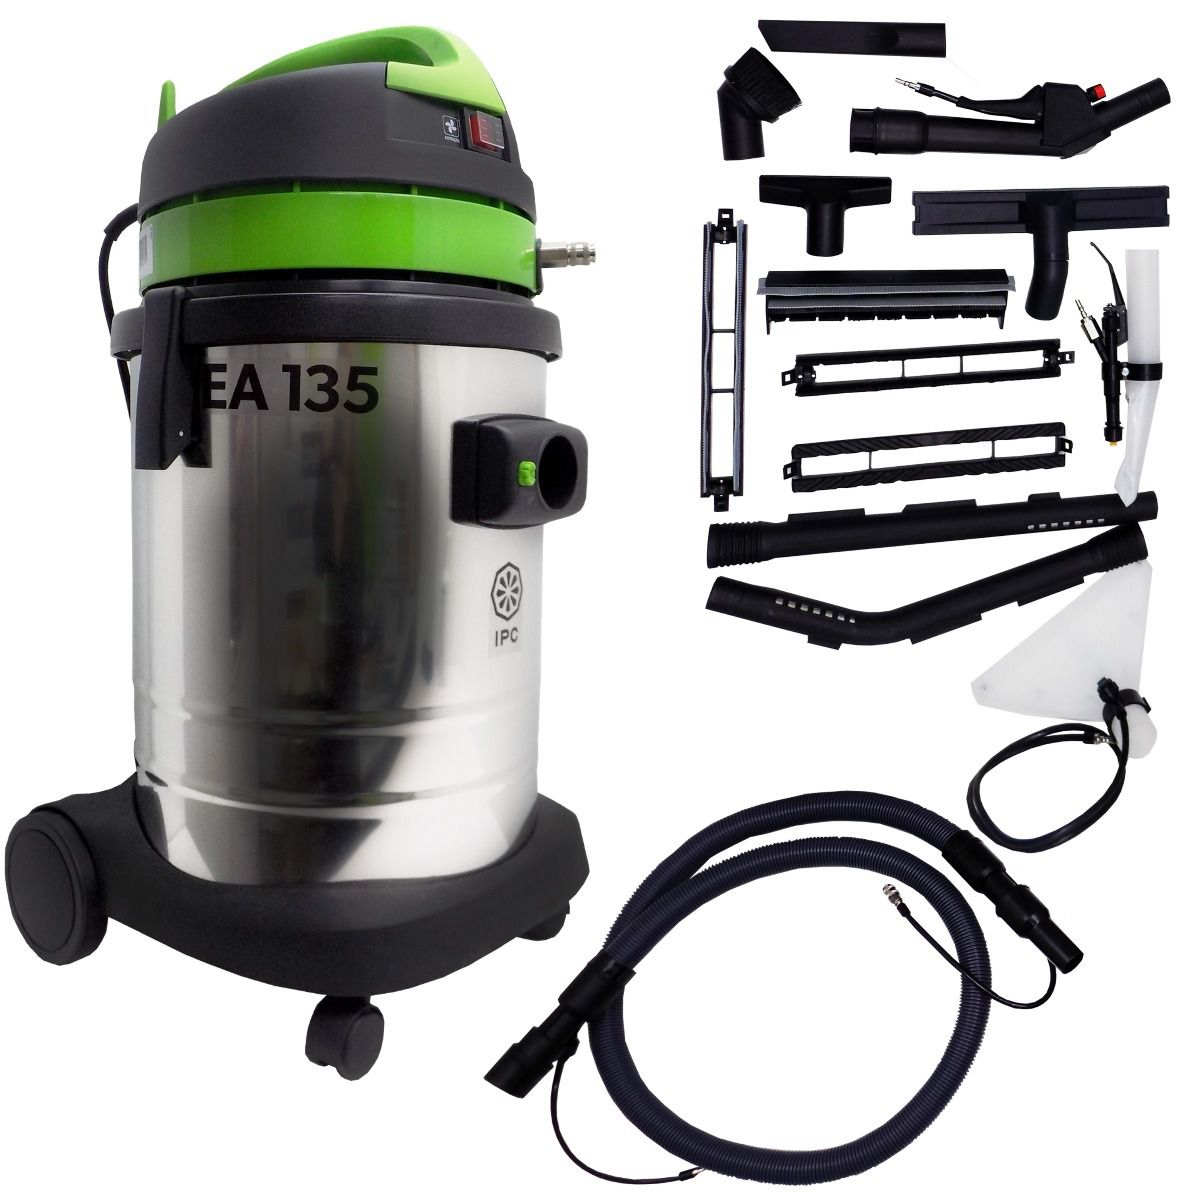 Extratora e Aspirador EA135 24kpa 1400W Tanque de 35Lts IPC Soteco